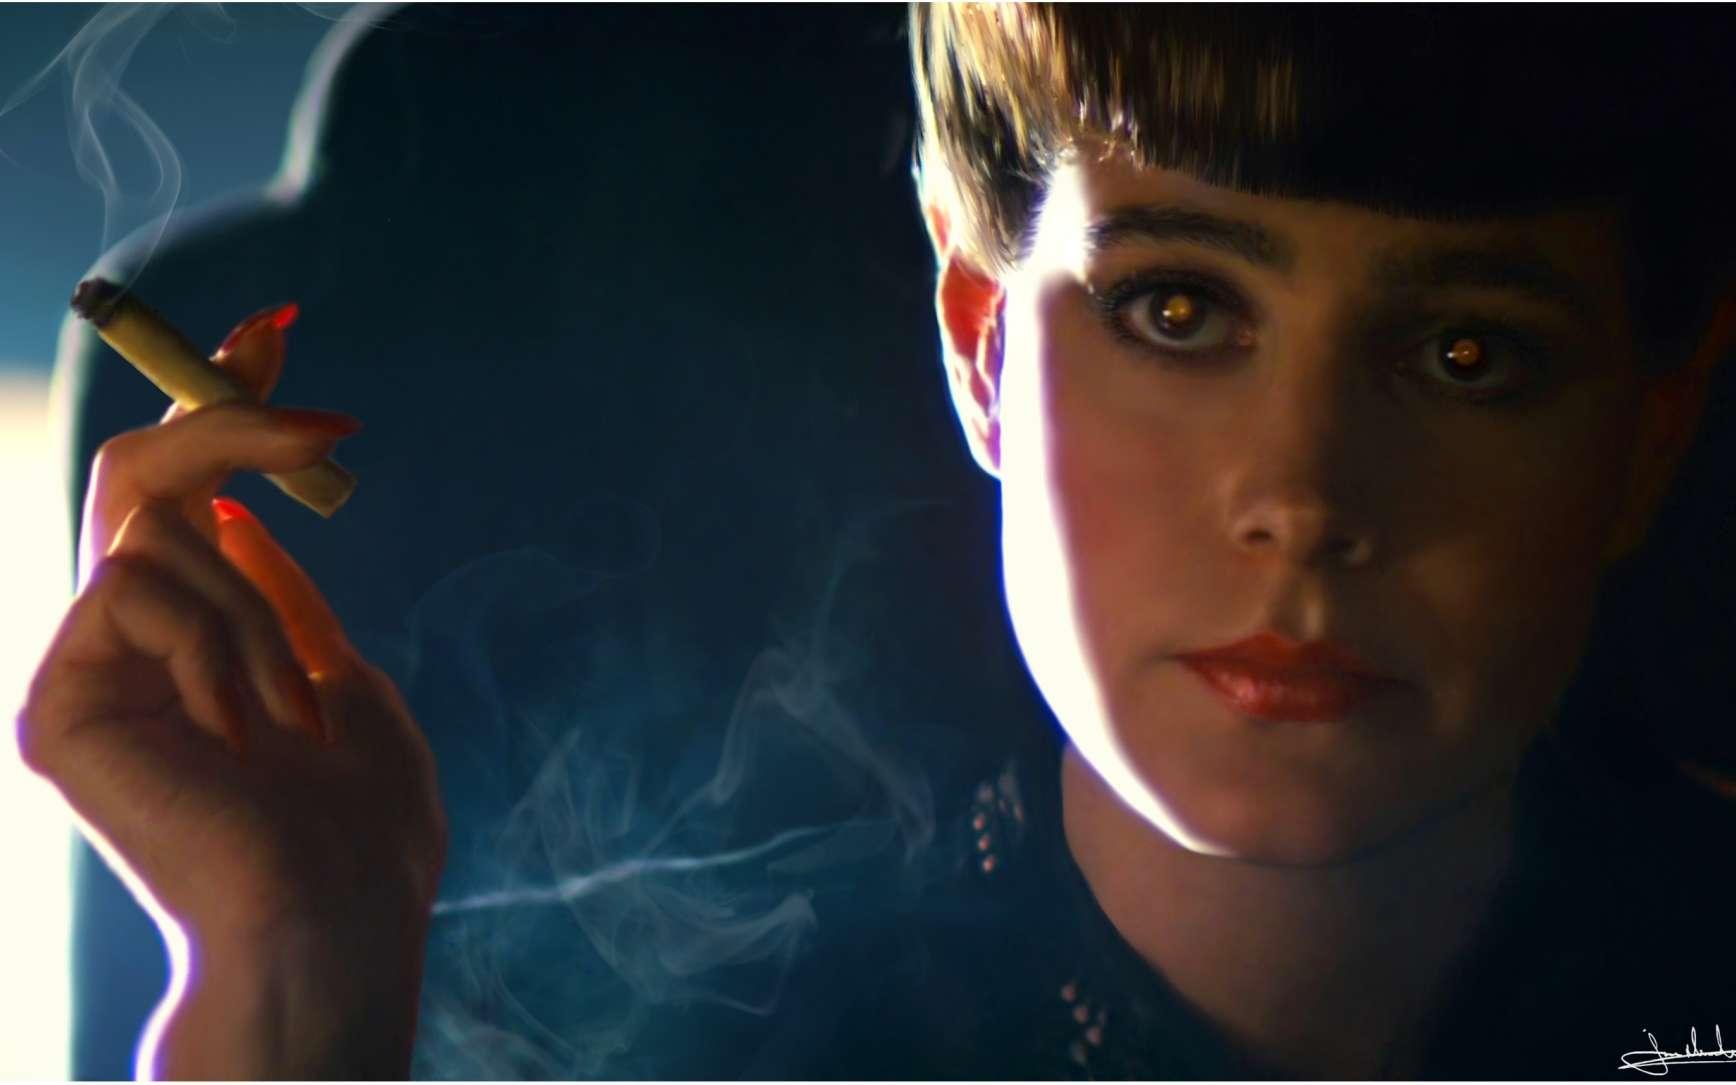 Rachel, un personnage du film Blade Runner, de Ridley Scott, est un robot doué non seulement de l'apparence humaine mais aussi d'une sensibilité et d'une intelligence proches de celles des humains. L'hypothèse est crédible, pour Pierre Calmard, au moins parce qu'elle montre « un floutage extrême entre conscience naturelle et artificielle ». © DR